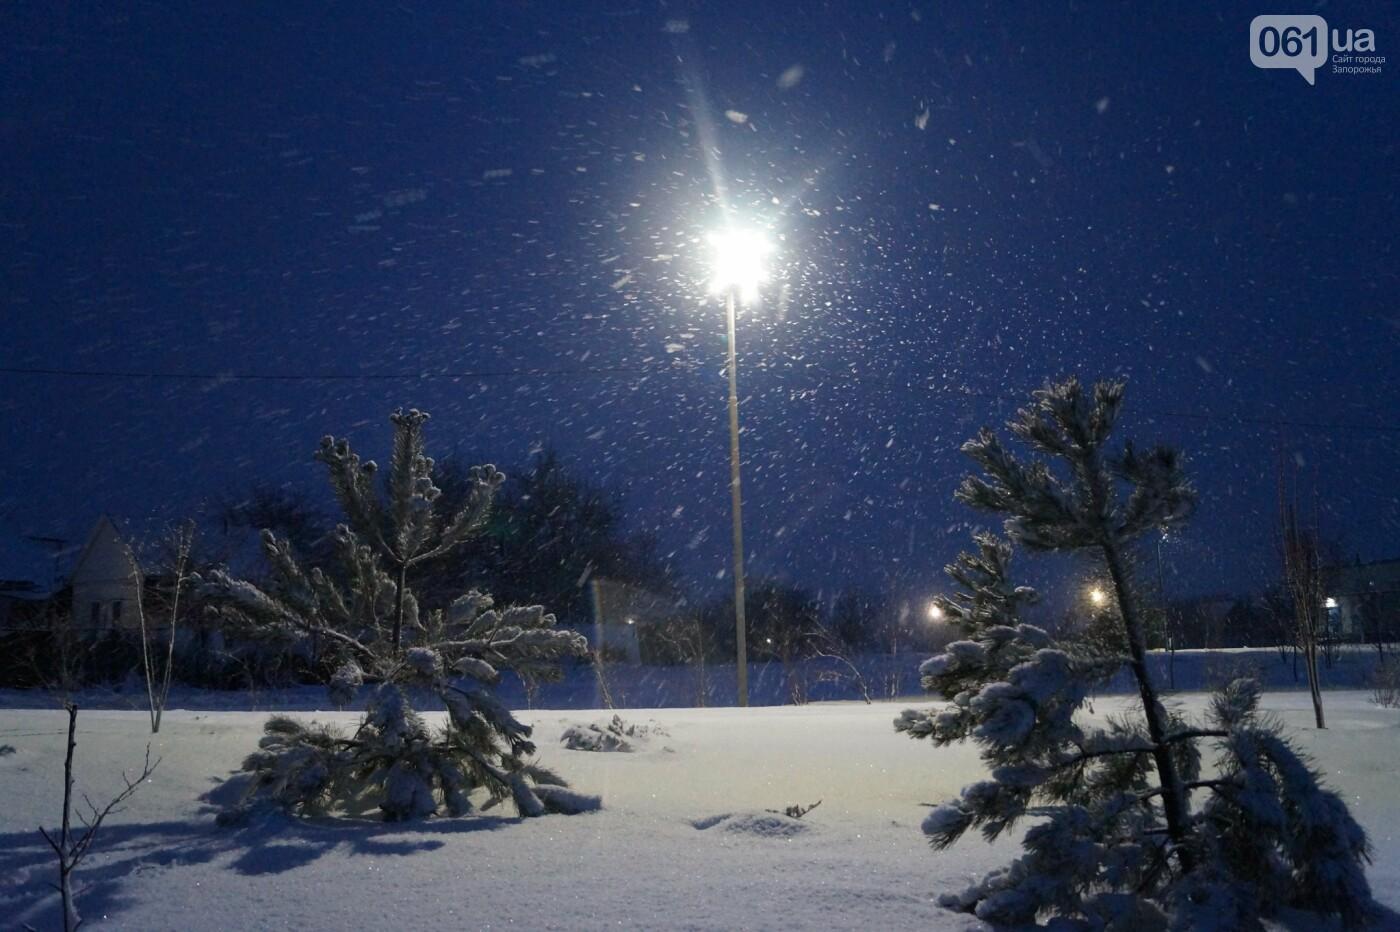 Ночная метель и заснеженный парк с высоты: жители Запорожской области делятся зимними фото , фото-11